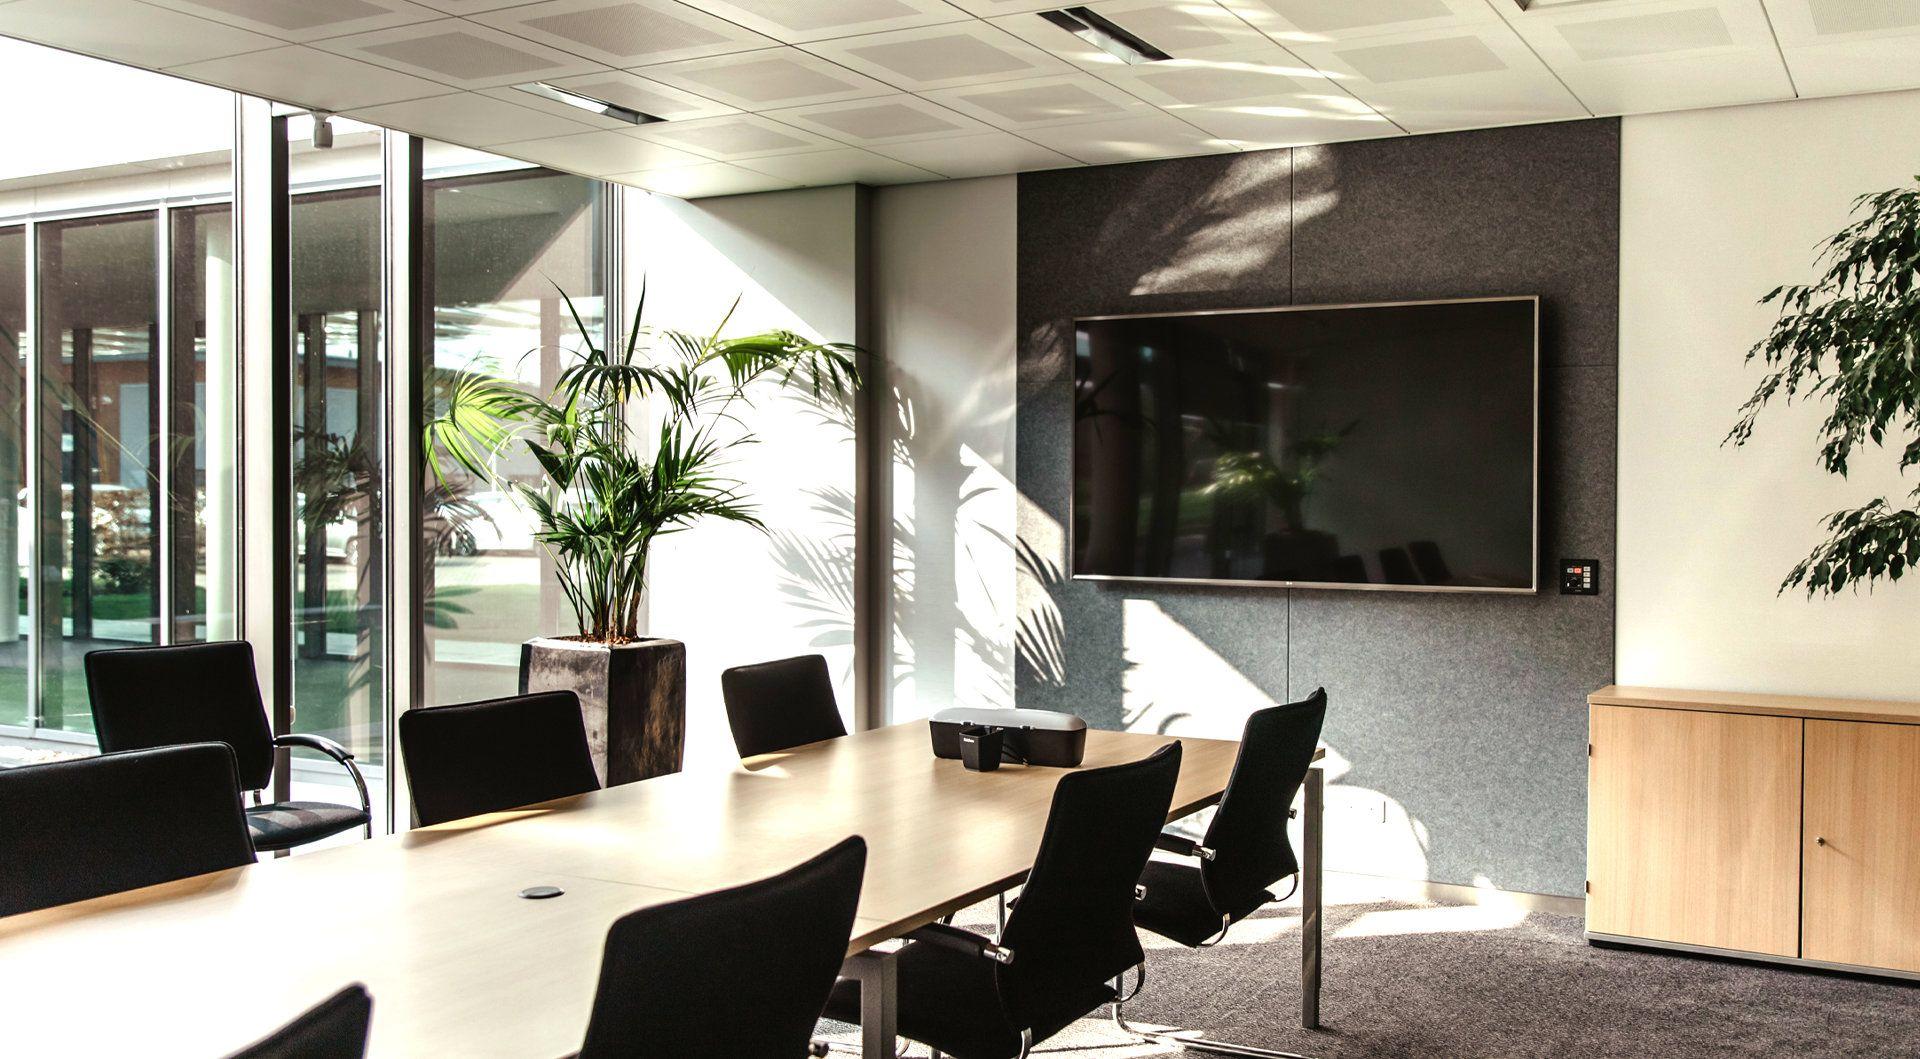 """Projecta HomeScreen 129x196 projectiescherm 2,11 m (83"""") 16:10 - Case studie de vries"""